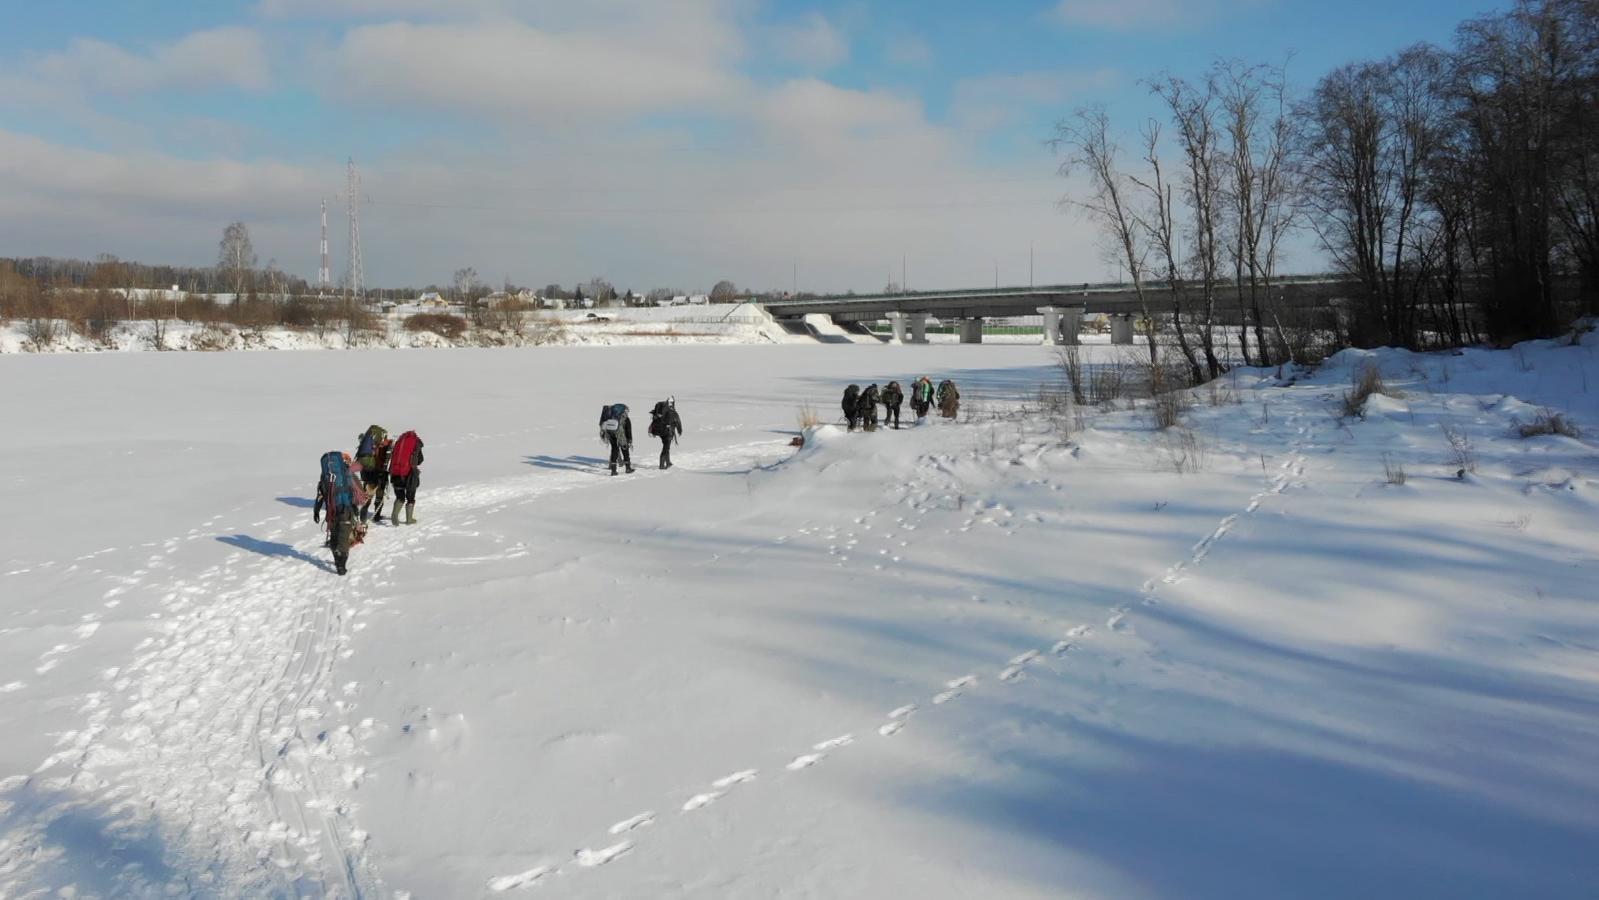 mchs - Соревнования спасателей проходят под Витебском (18.02.2021)